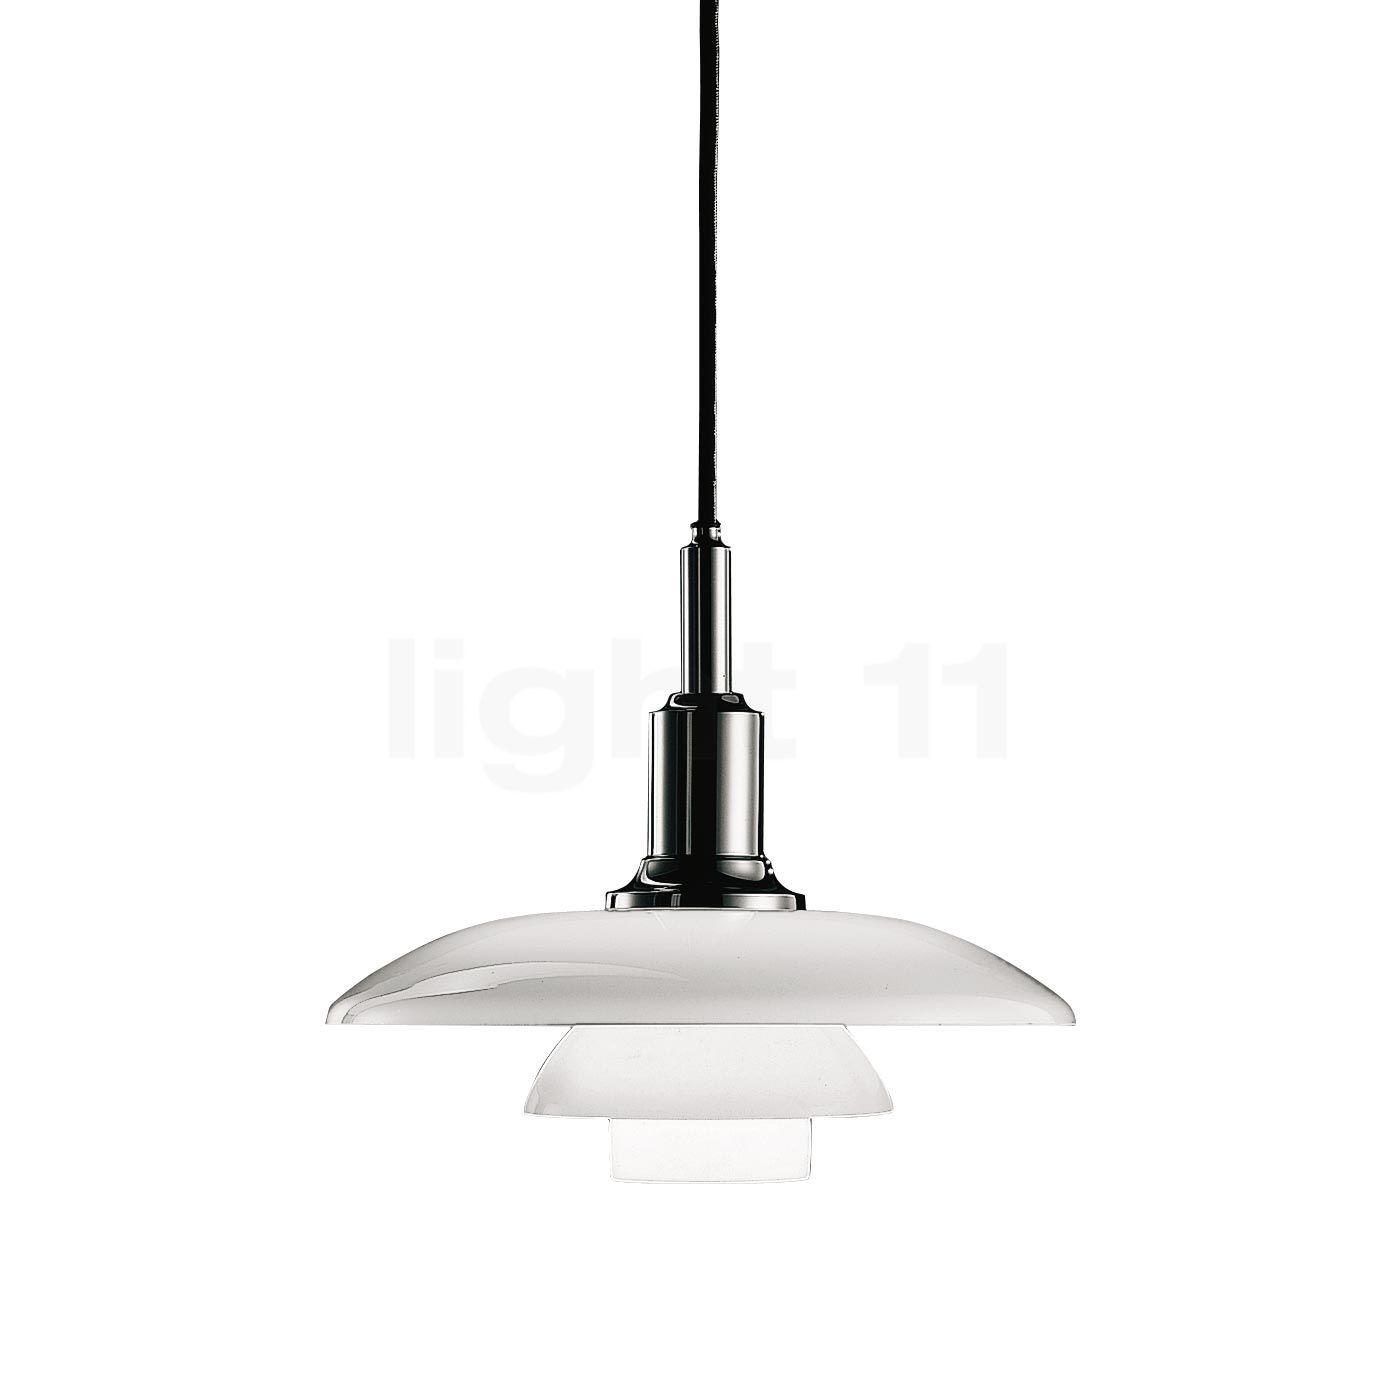 Louis Poulsen PH 3/2 Pendelleuchte Kaufen Bei Light11.de